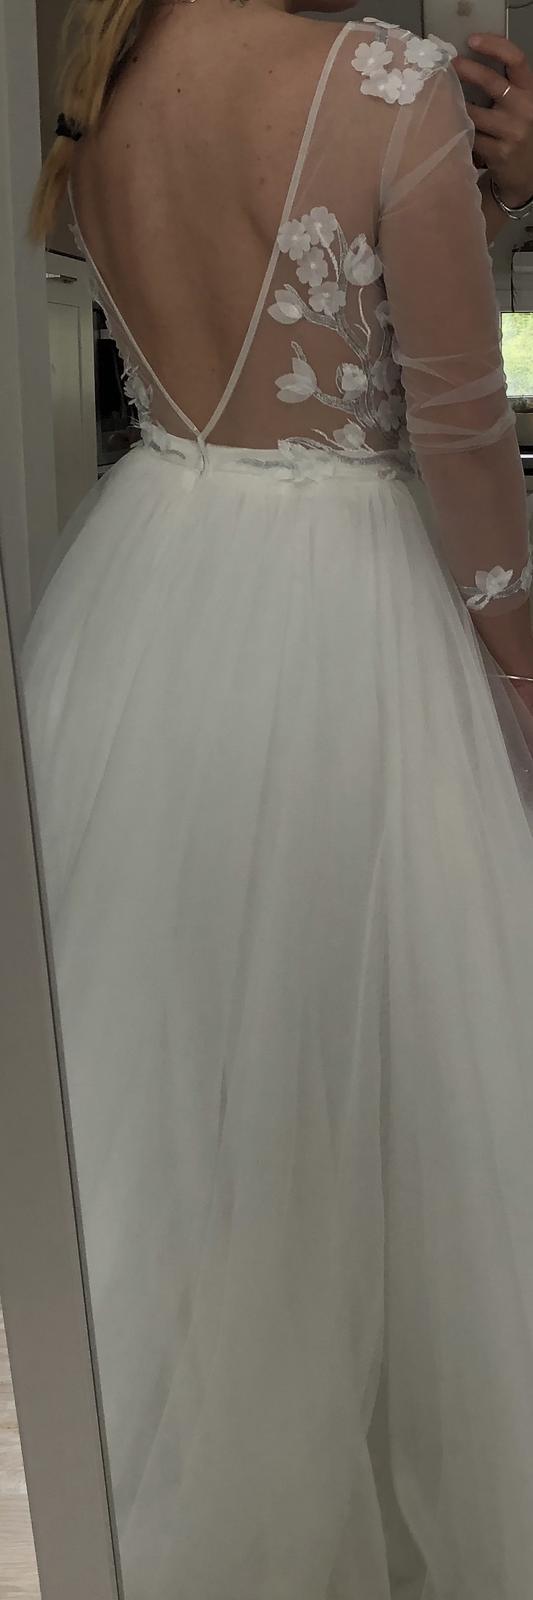 Nenošené svatební šaty - Obrázek č. 2